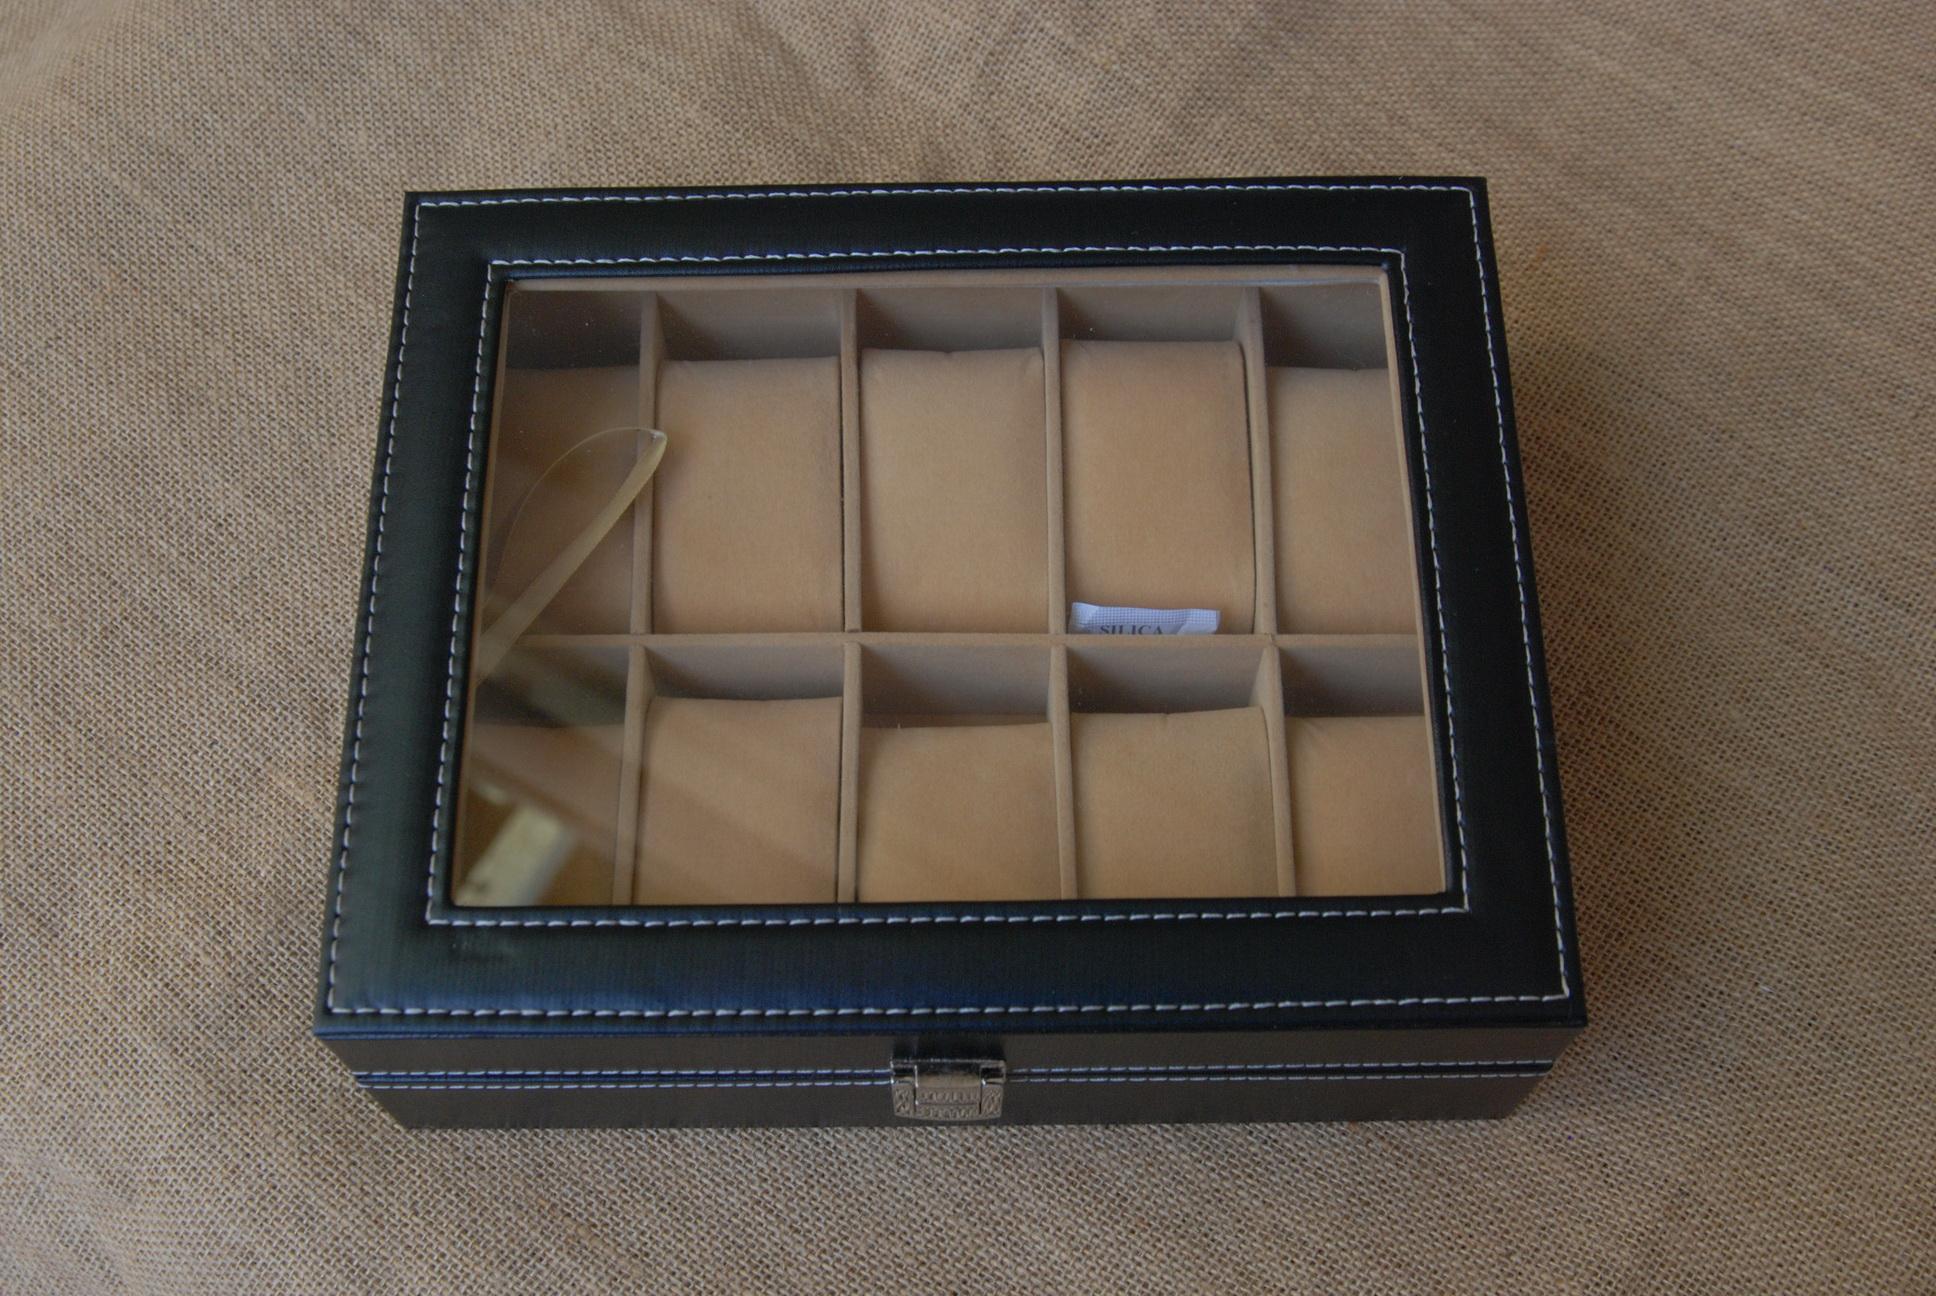 กล่องหนังเก็บนาฬิกา10 เรือน